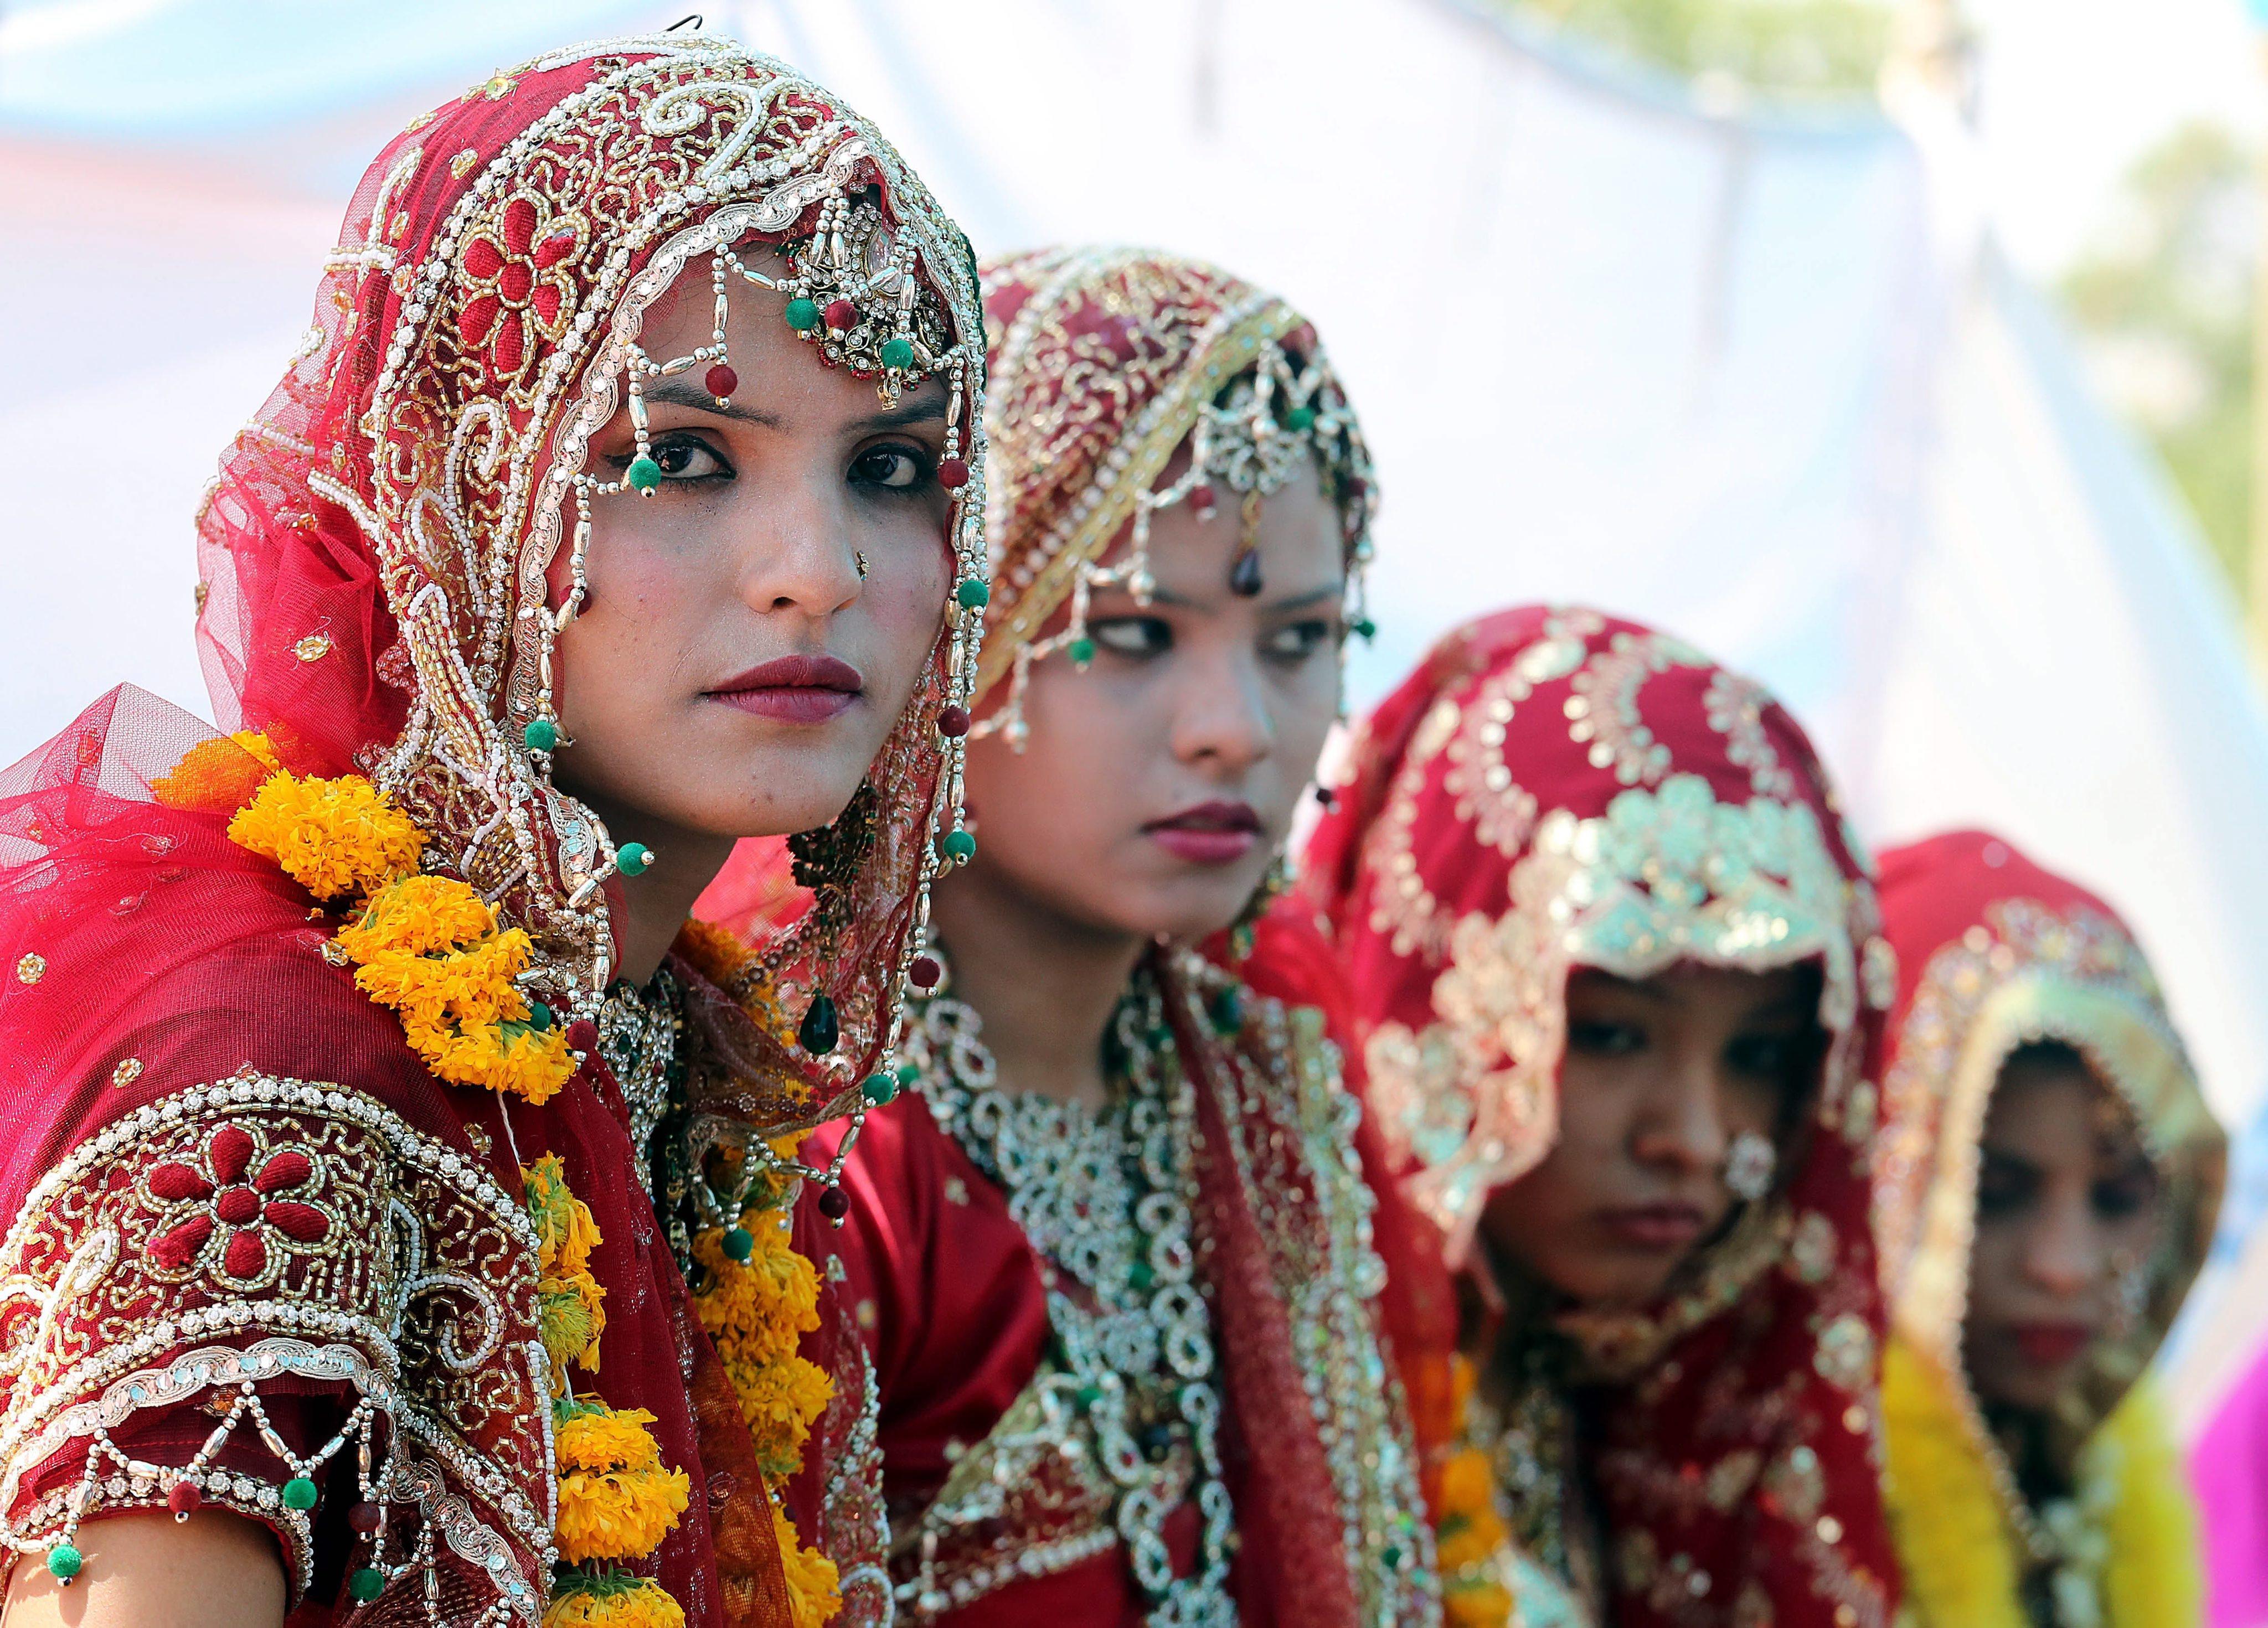 σεξ ιστορίες Ινδία ραντεβού και έθιμα γάμων στη Σαουδική Αραβία